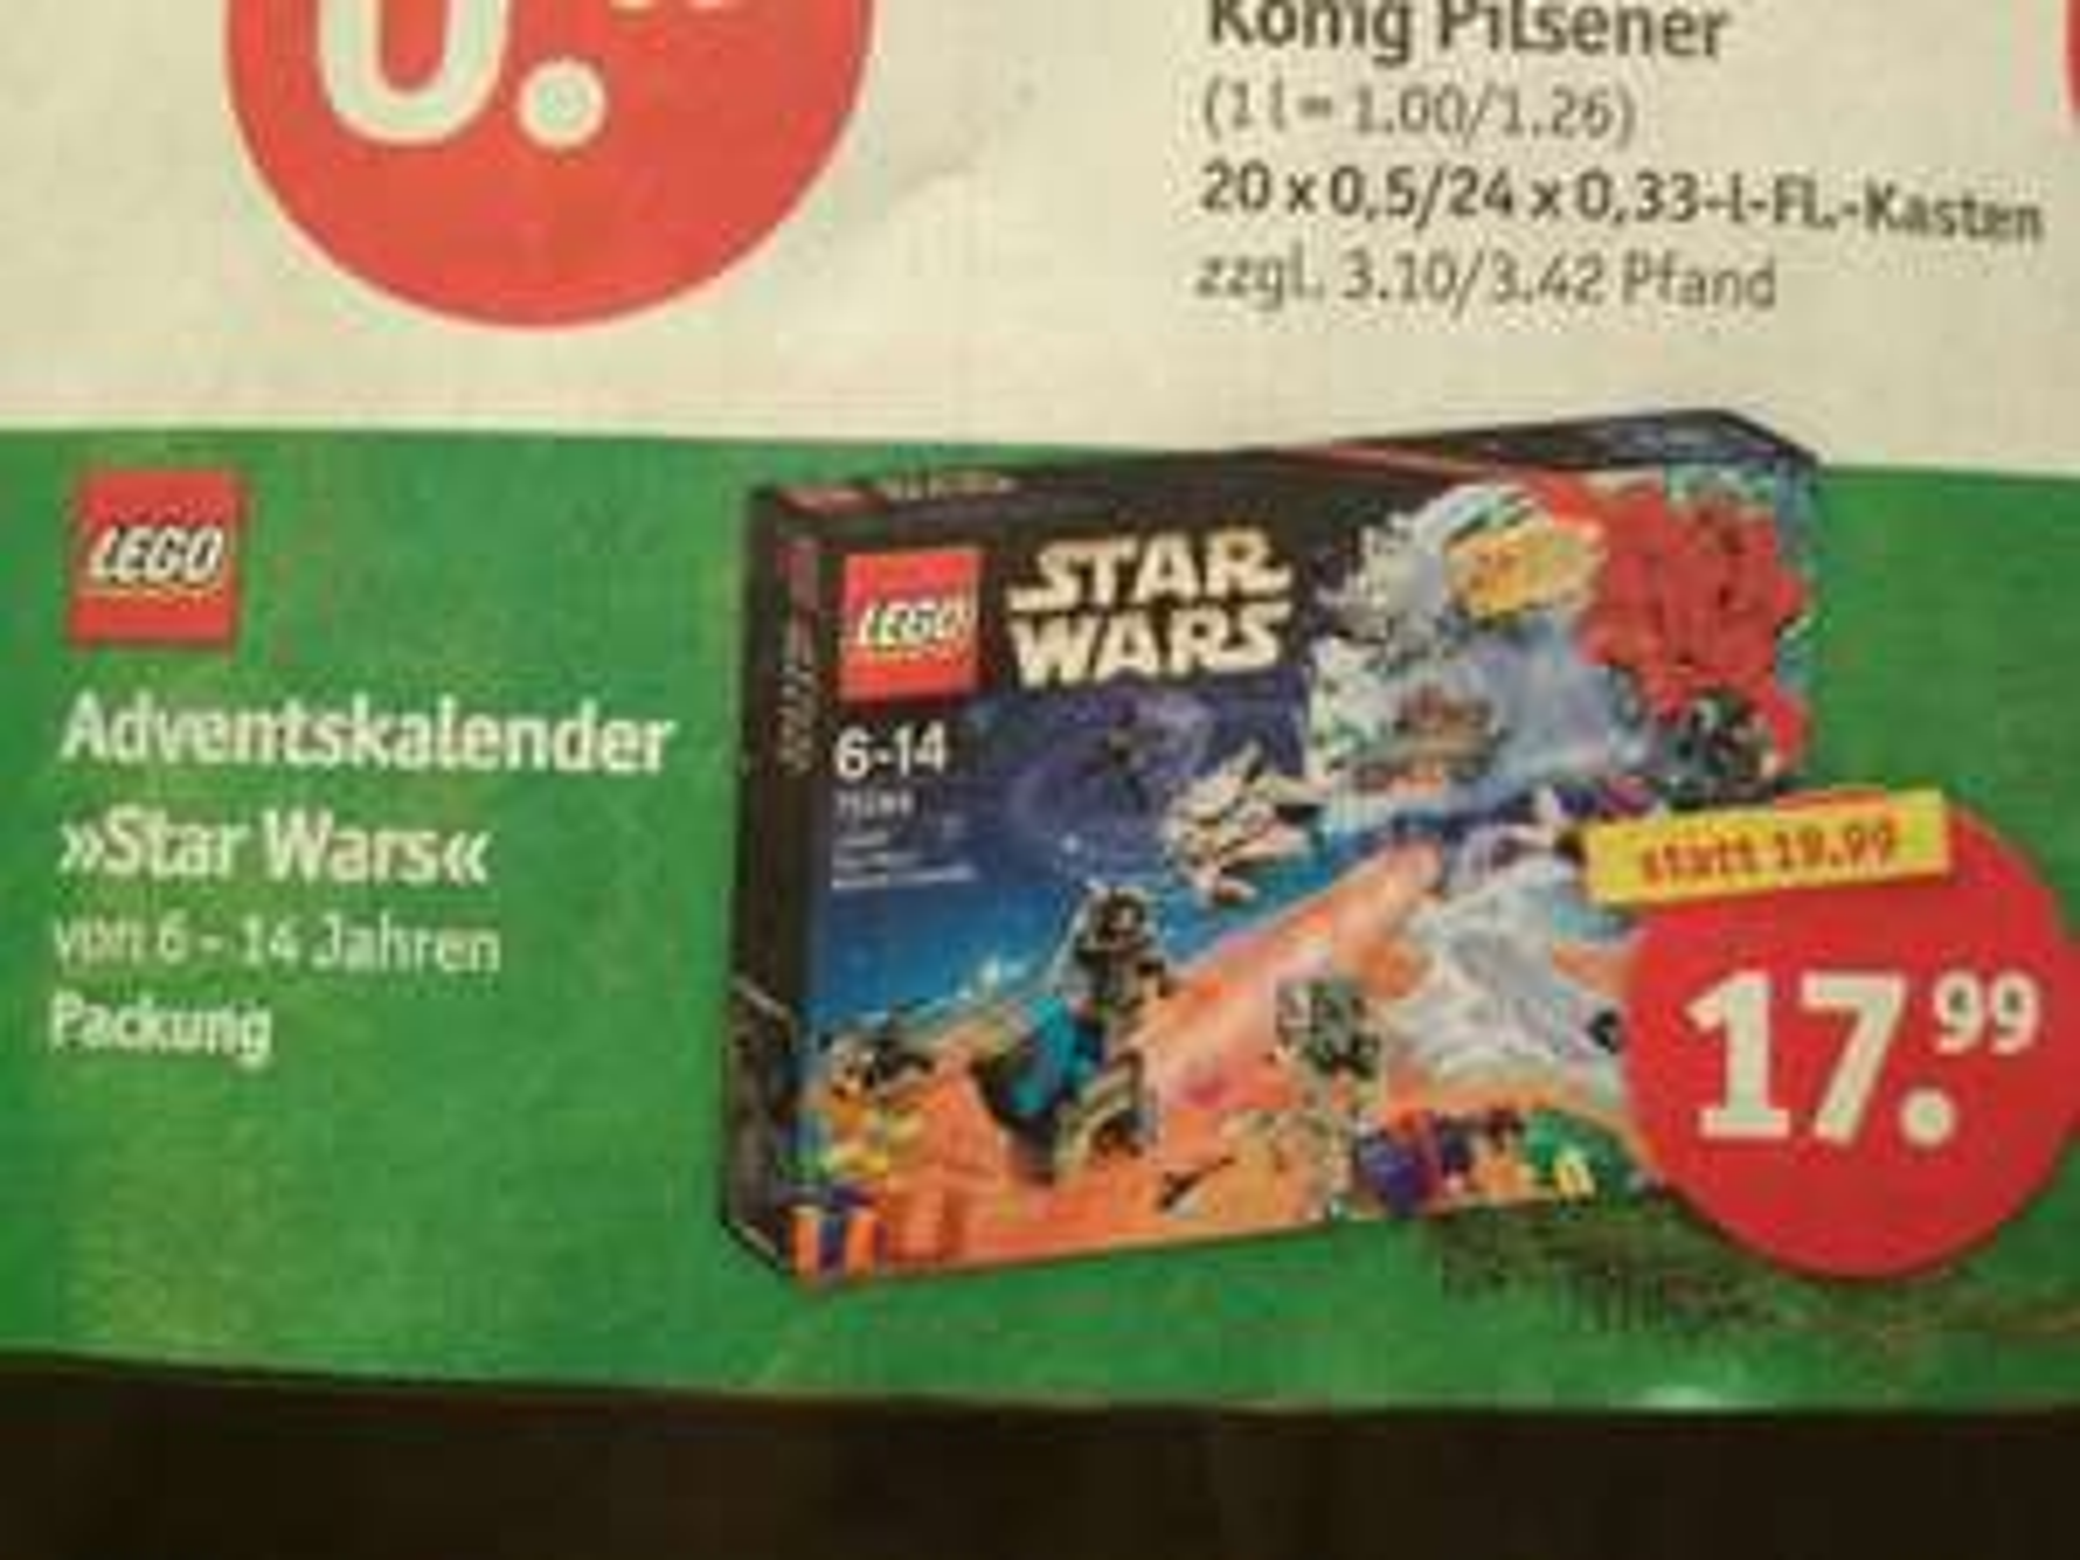 LEGO Star Wars Adventskalender 75184 - Plaza/Sky XXL OFFLINE